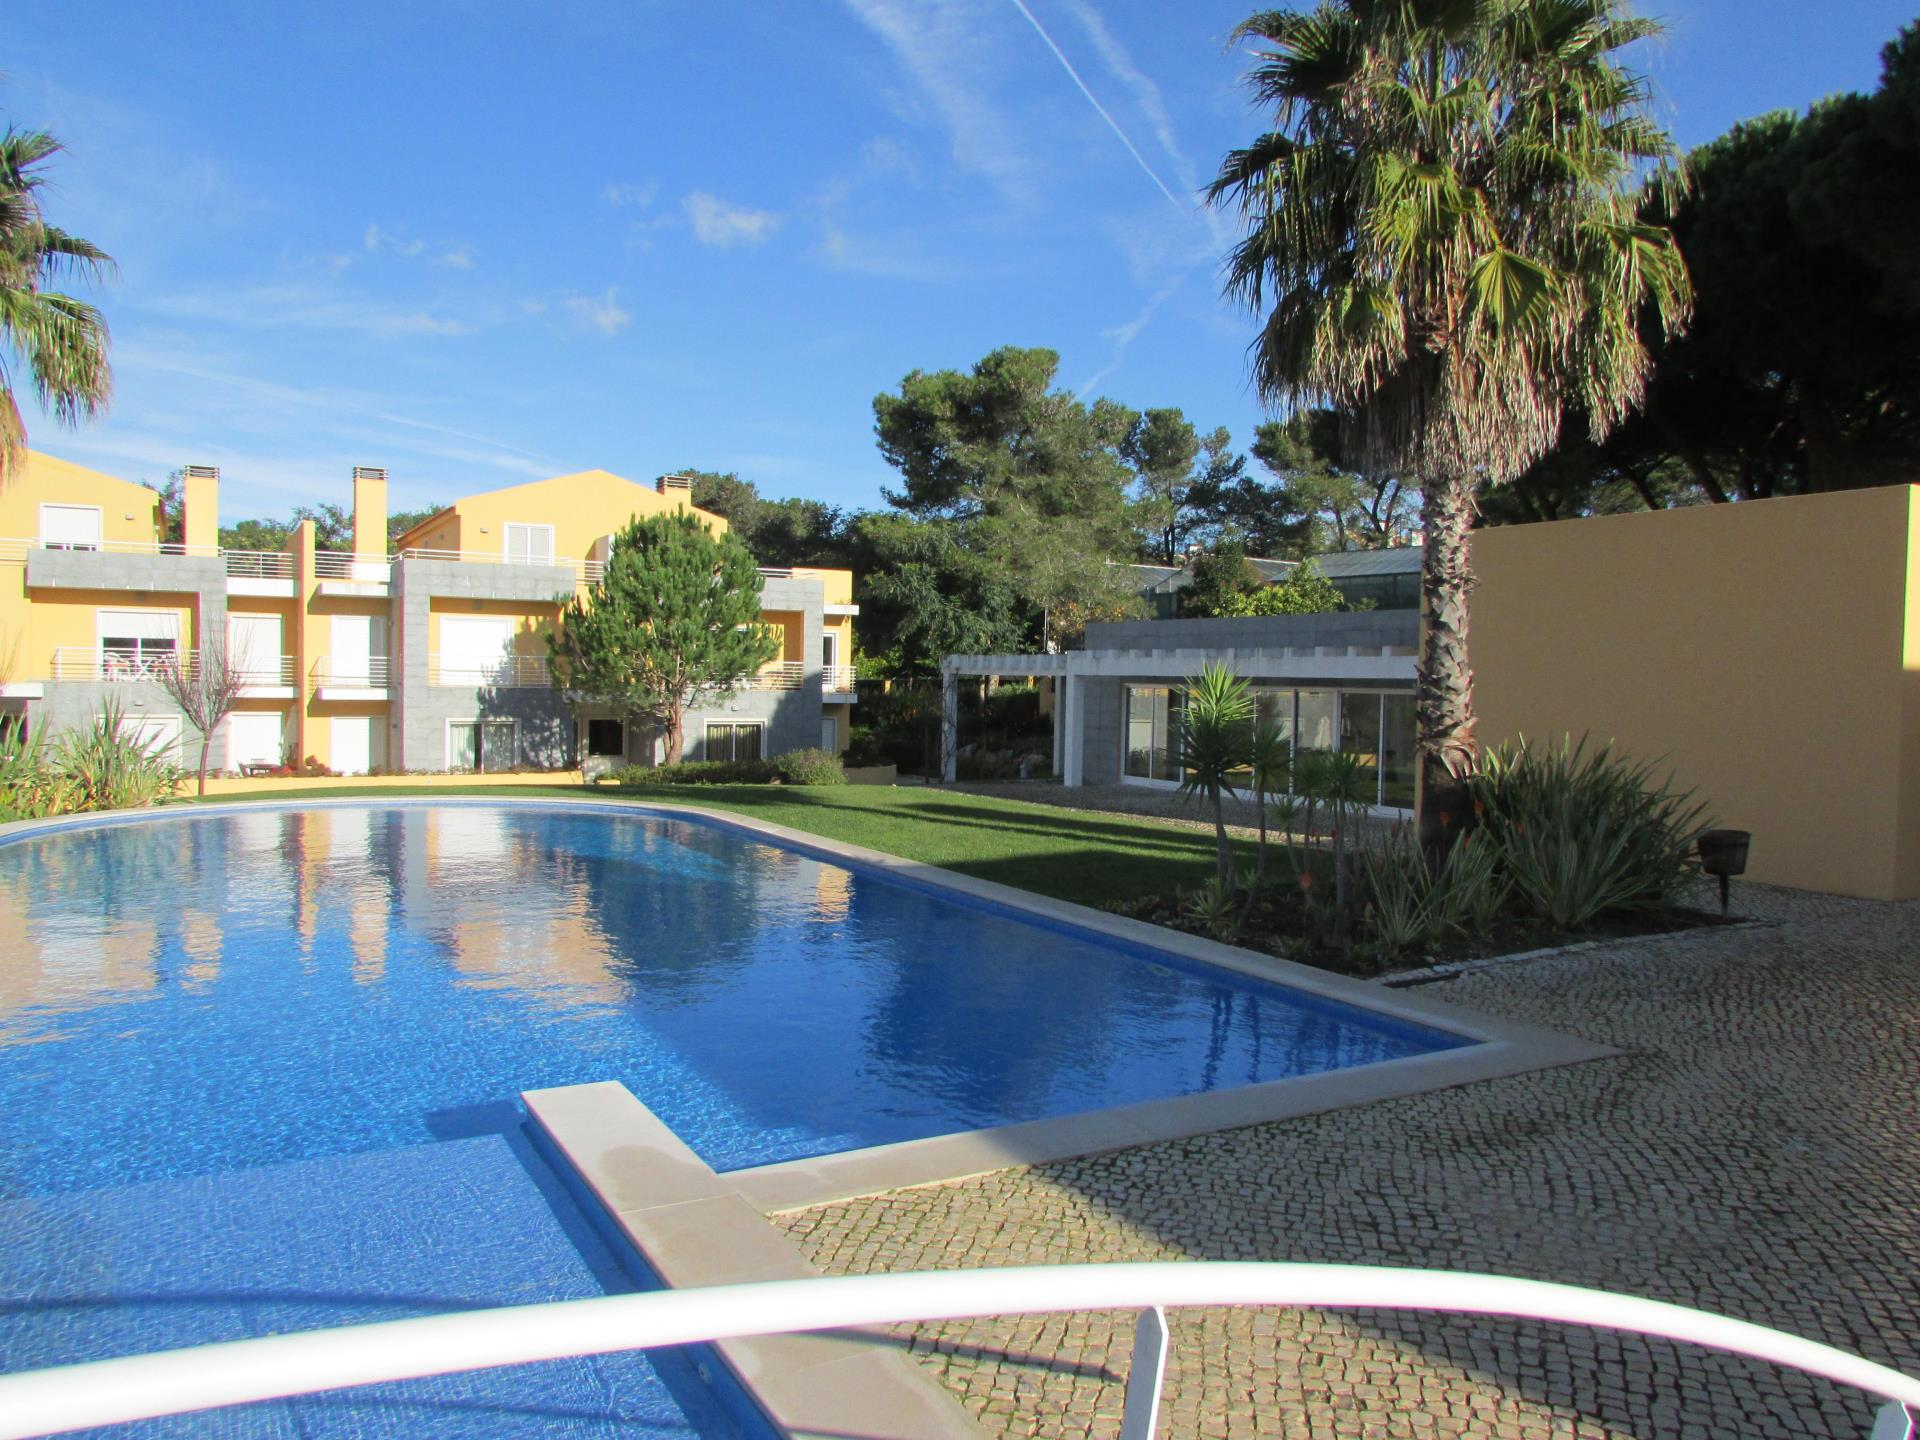 Appartamento per Vendita alle ore Flat, 3 bedrooms, for Sale Birre, Cascais, Lisbona Portogallo